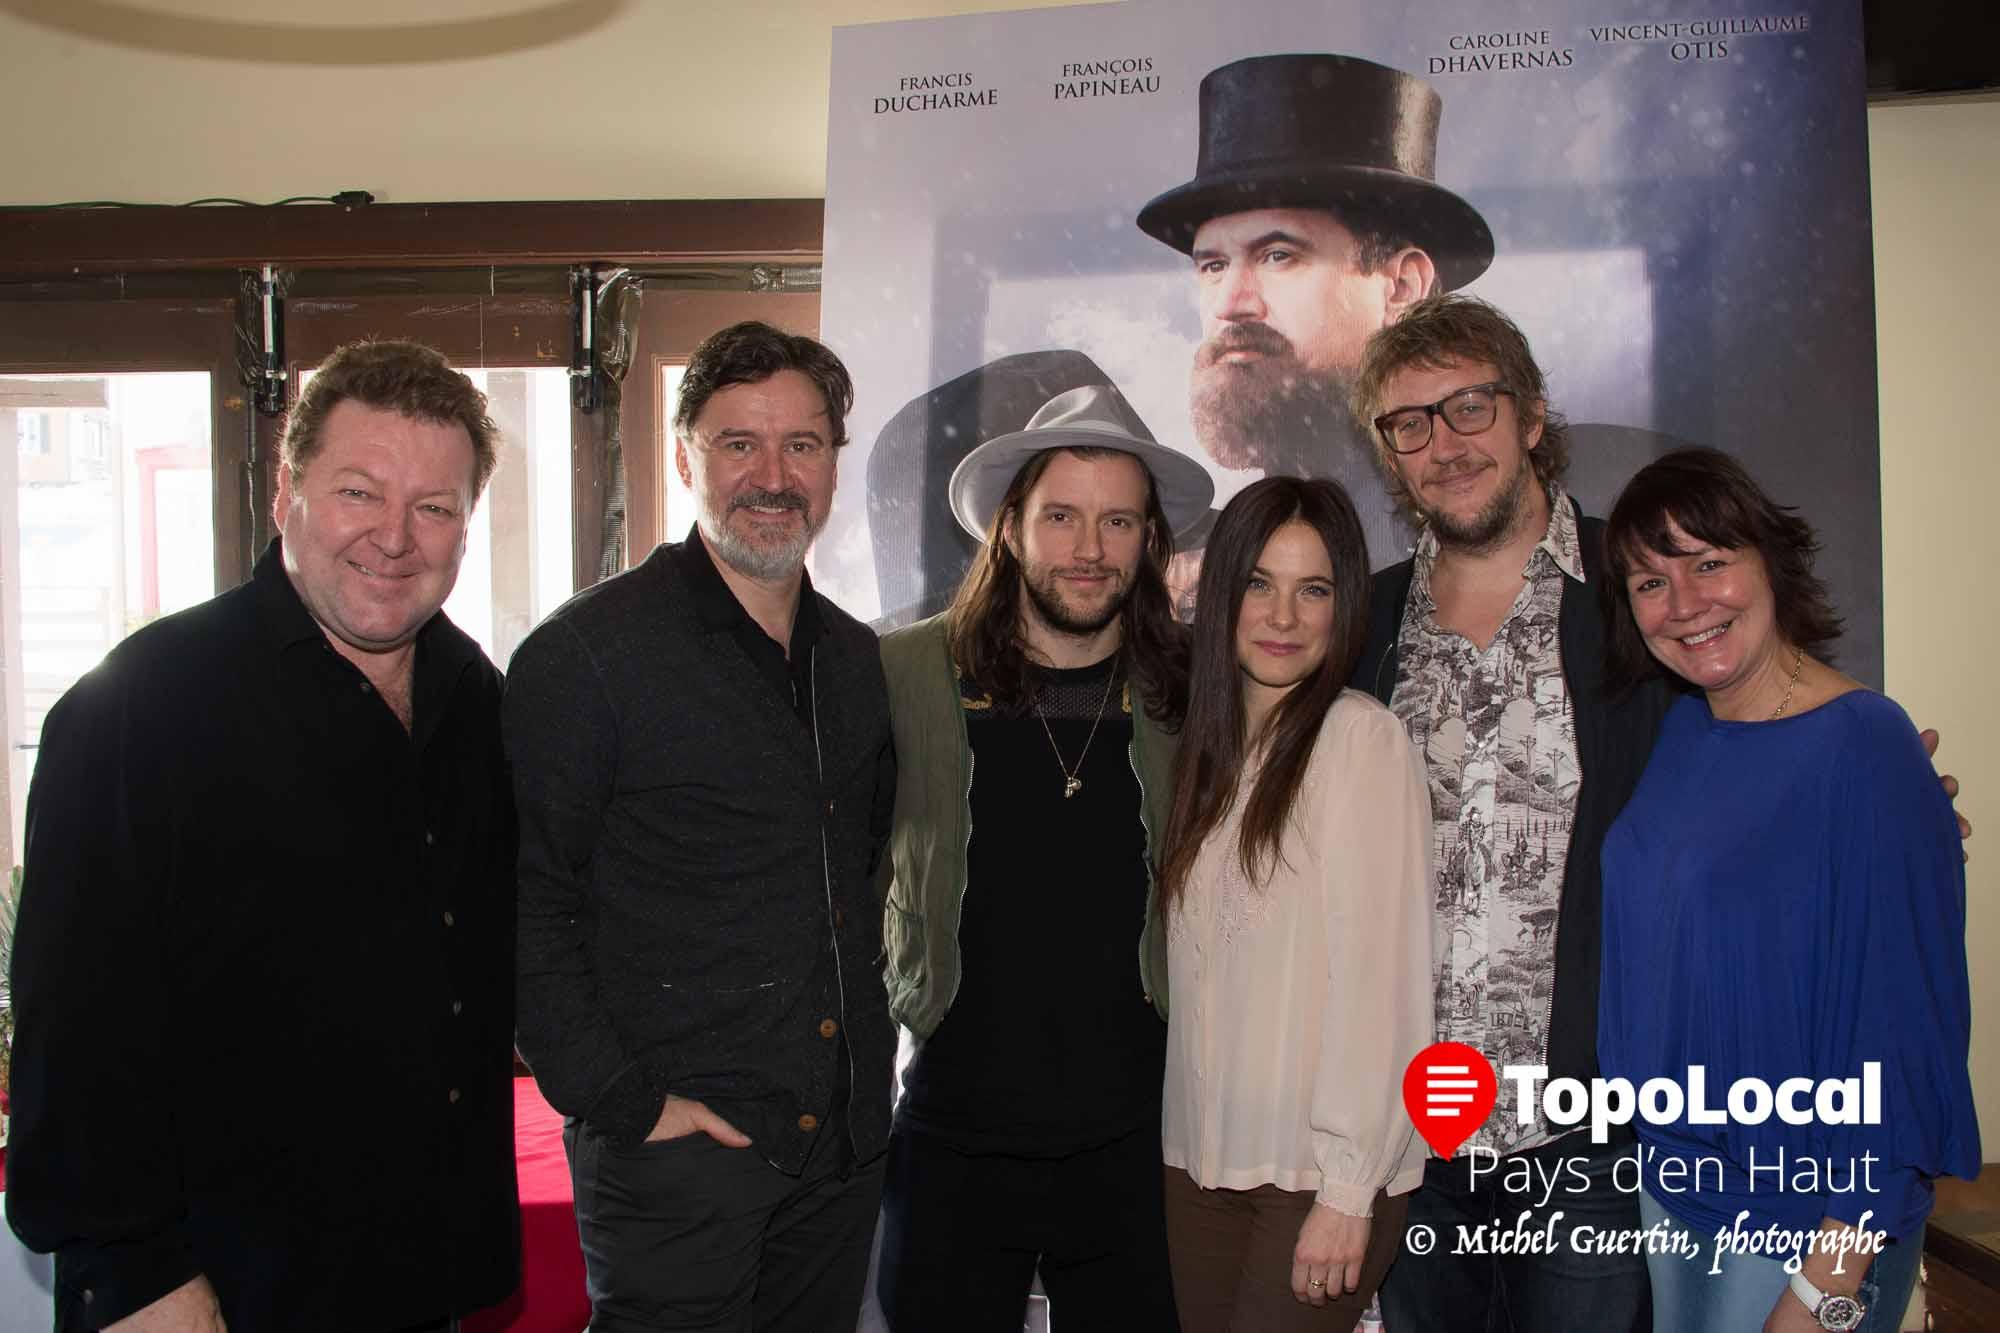 Les deux co-propriétaires du restaurant Spago, Louis Desjardins et Angela Klein, étaient heureux de recevoir les comédiens et le réalisateur de Chasse-Galerie, le dimanche 21 février 2016.